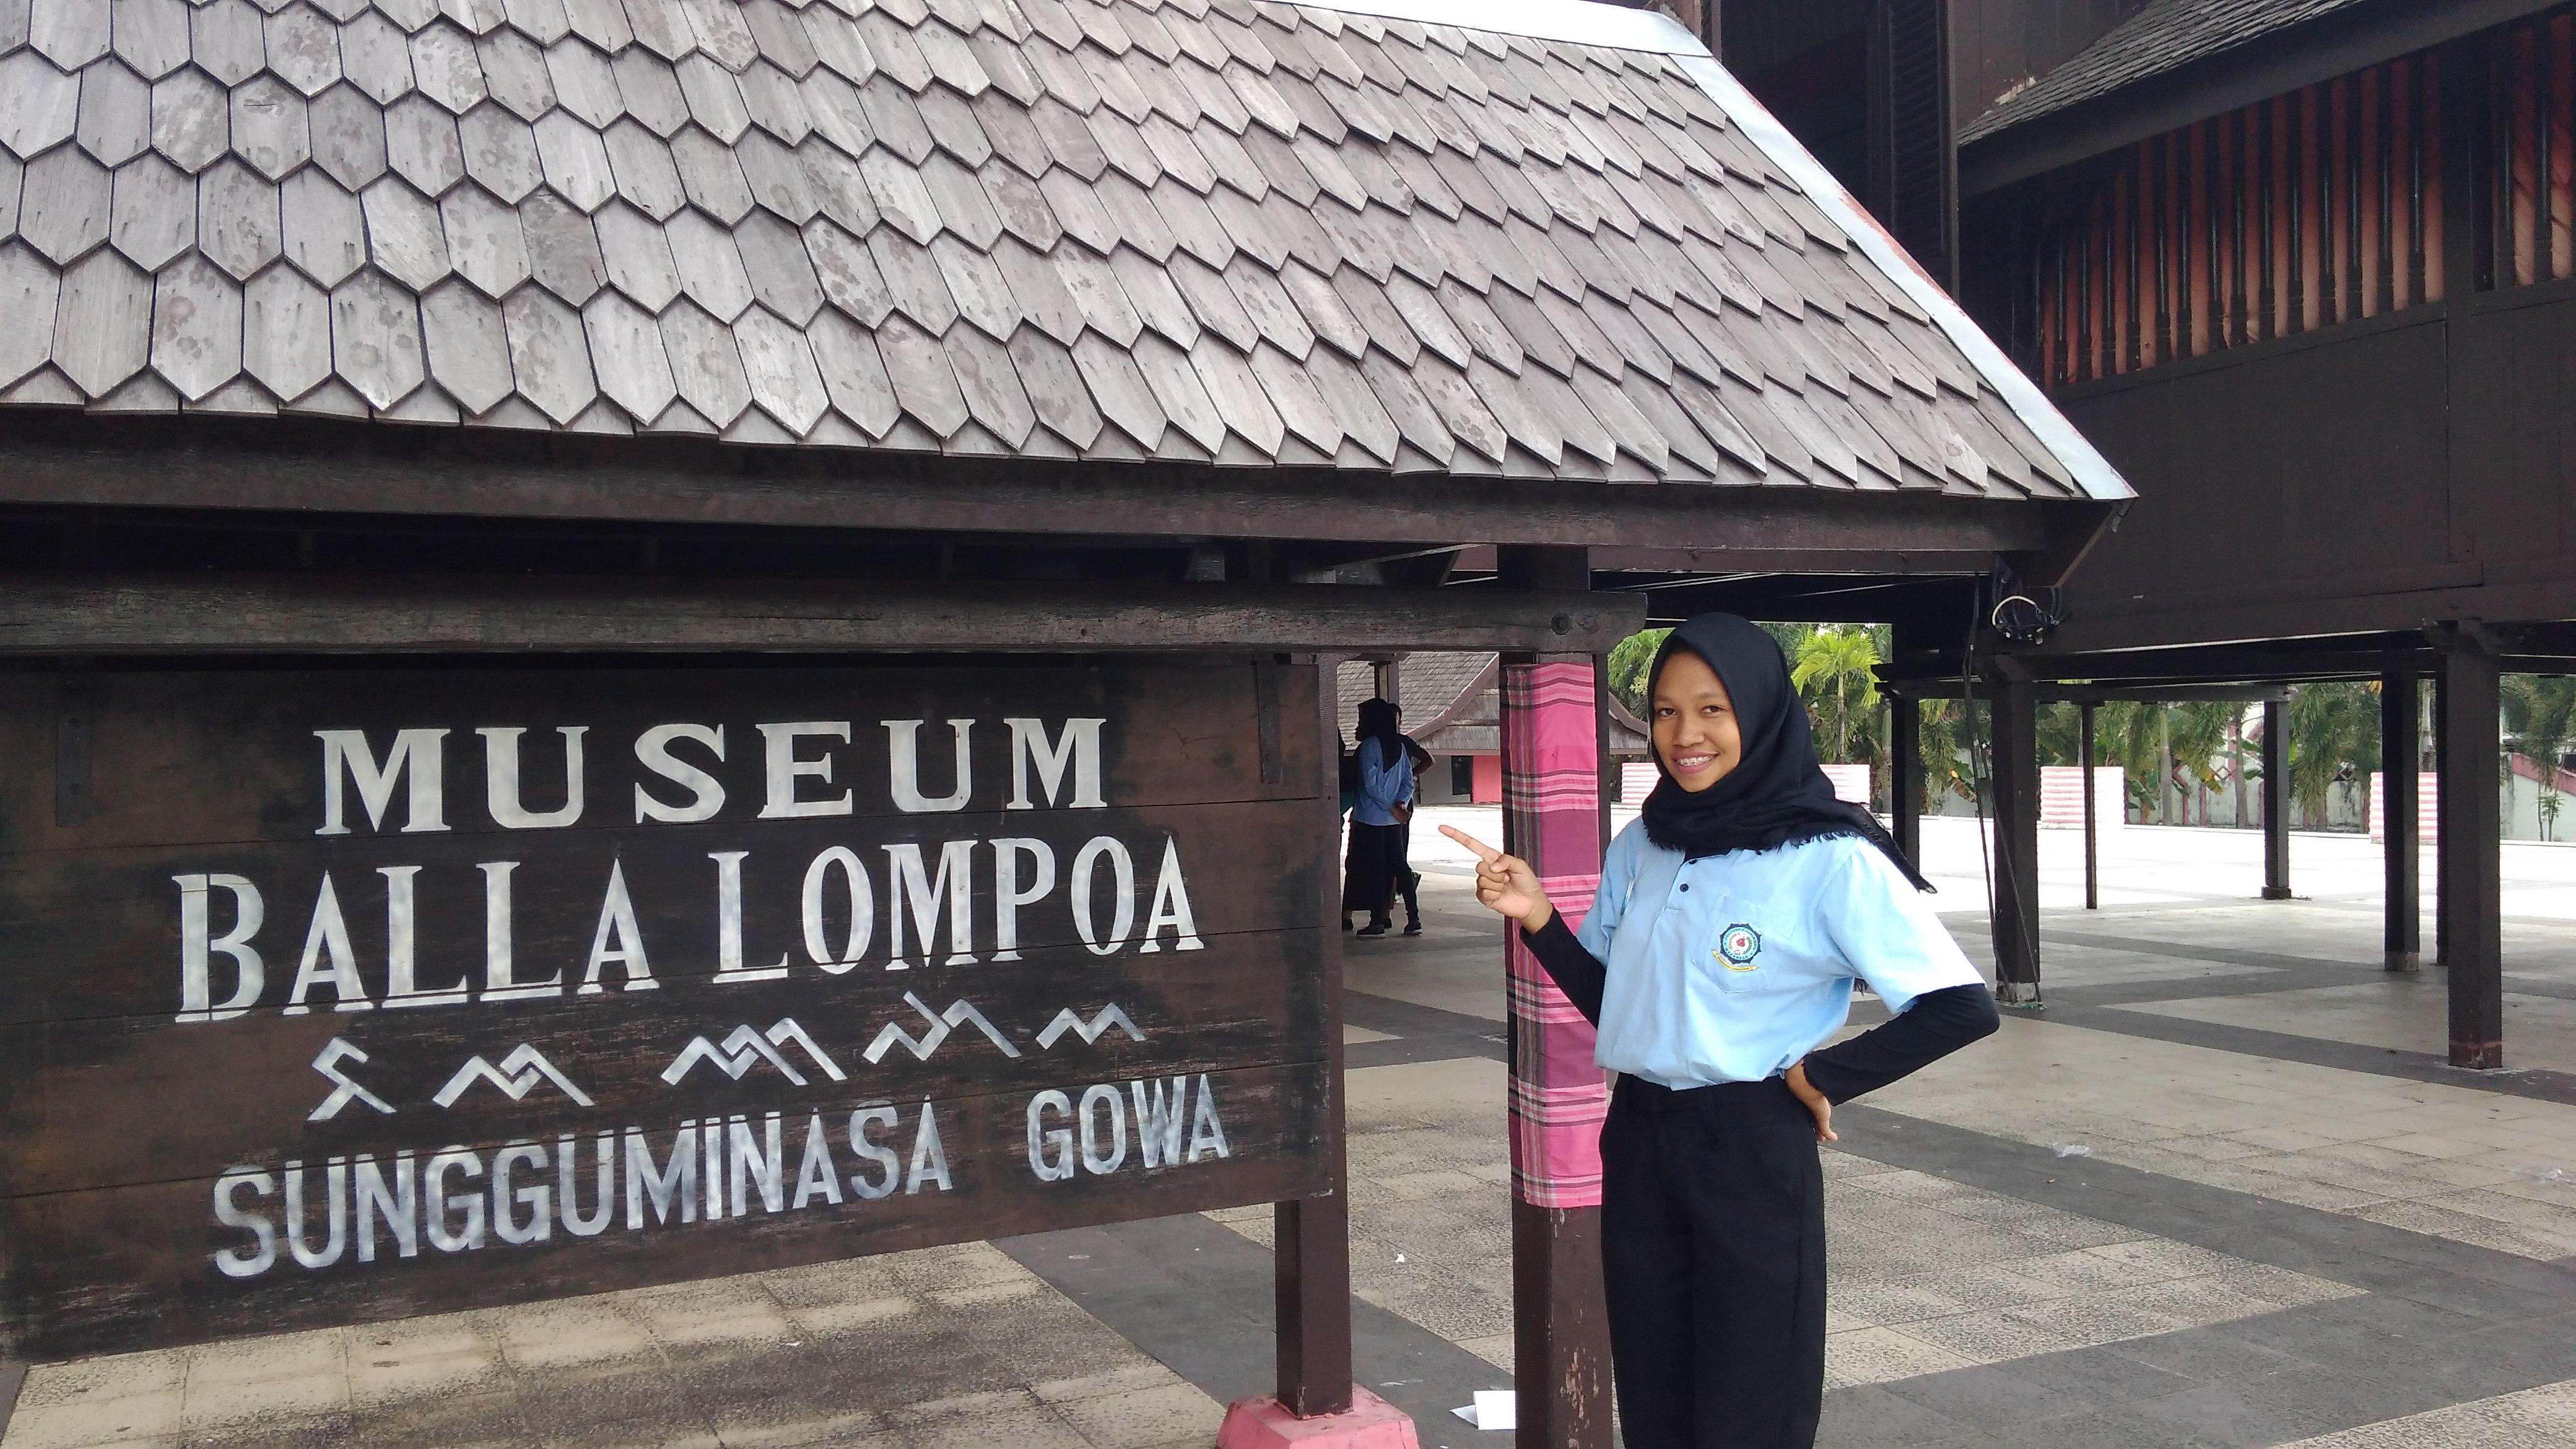 Makassar Gowa Museum Balla Lompoa Karnilakarim Berfungsi Sebagai Tempat Menyimpan